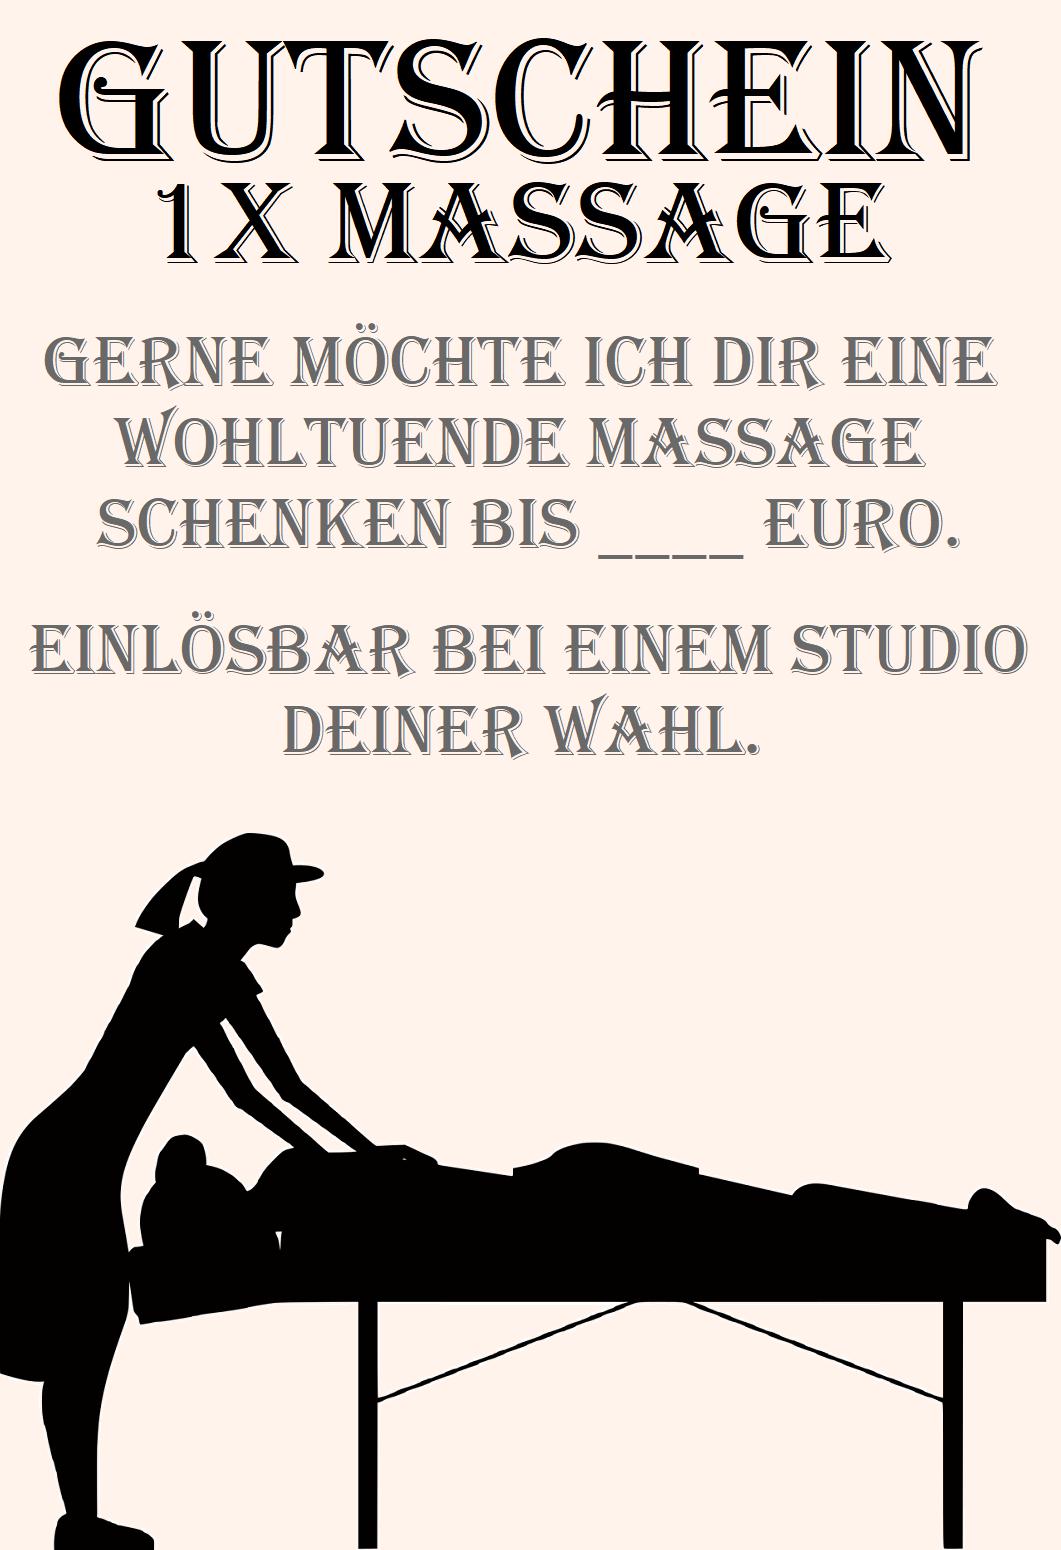 Massagegutscheine Gutscheinvorlagen Gutscheinsprüche